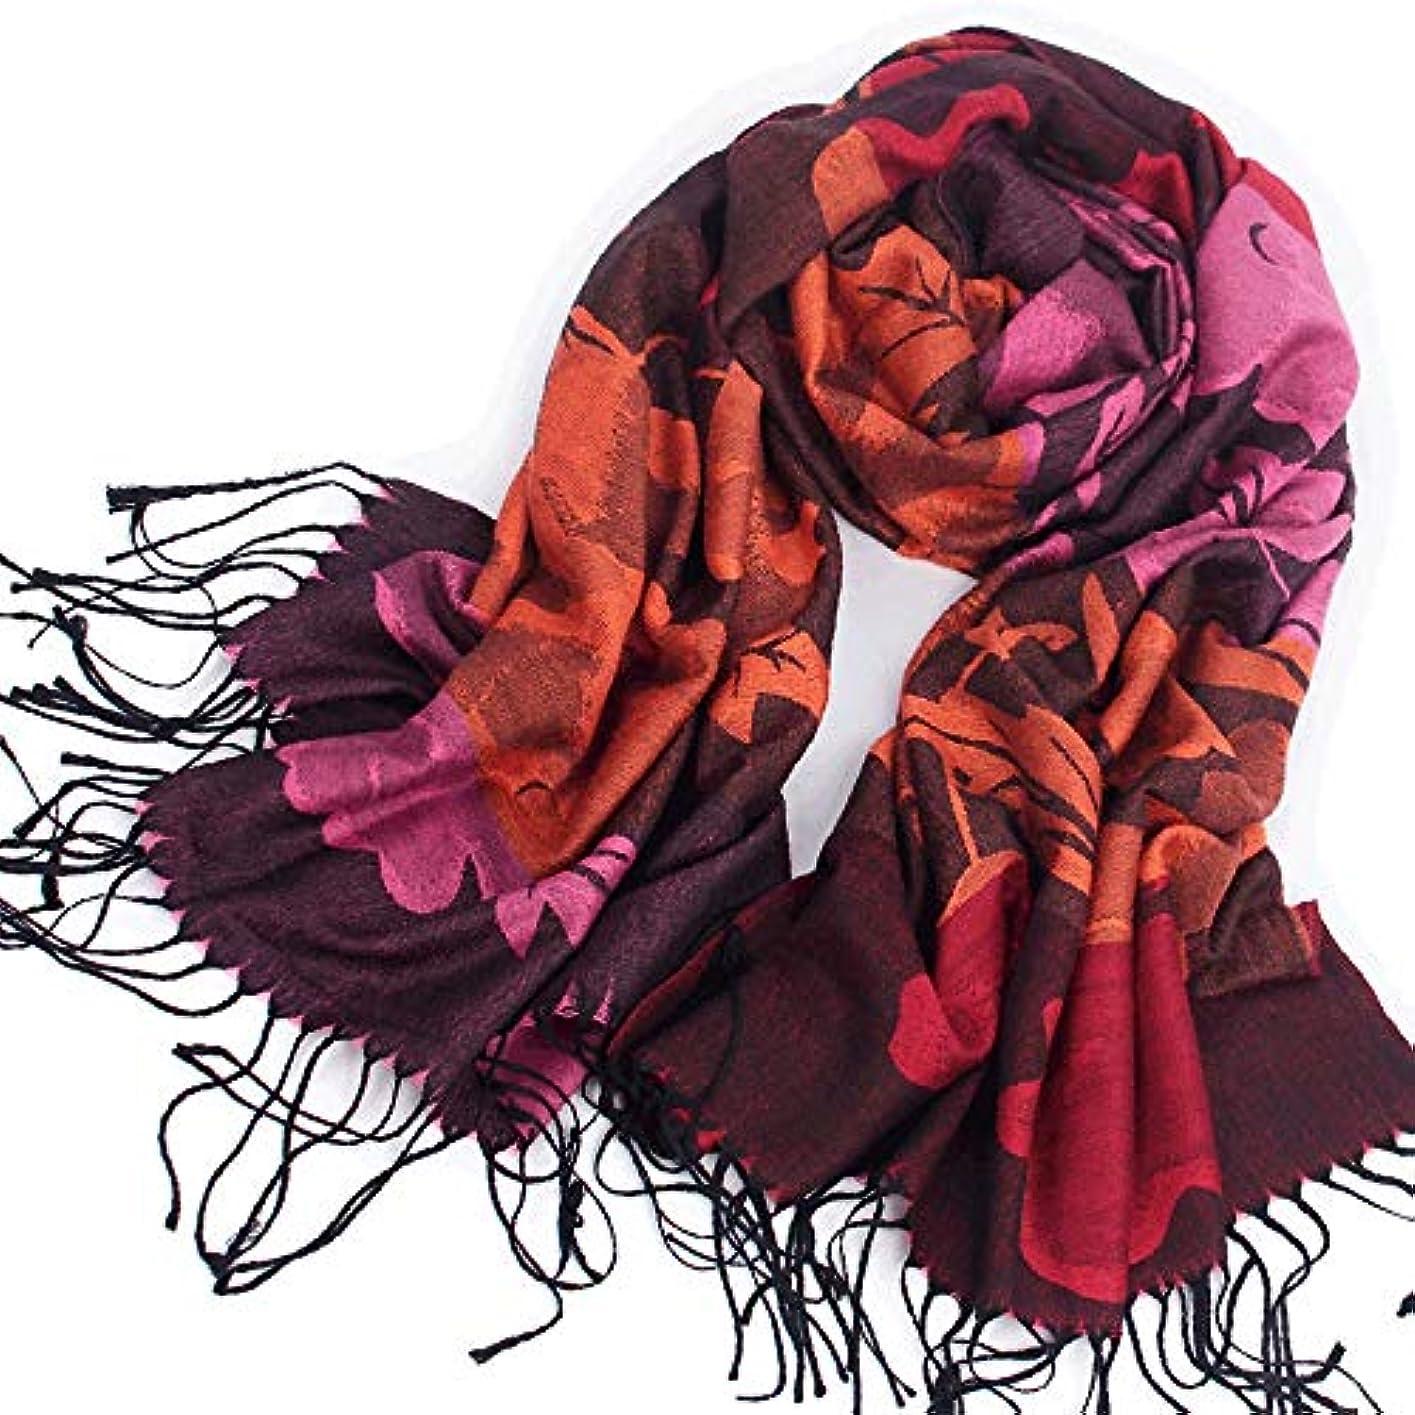 認める依存人類Baobei 中年のスカーフ女性の秋と冬の暖かい中年の母のショールデュアルユースの国家風の長い段落の野生のスカーフ (色 : A)